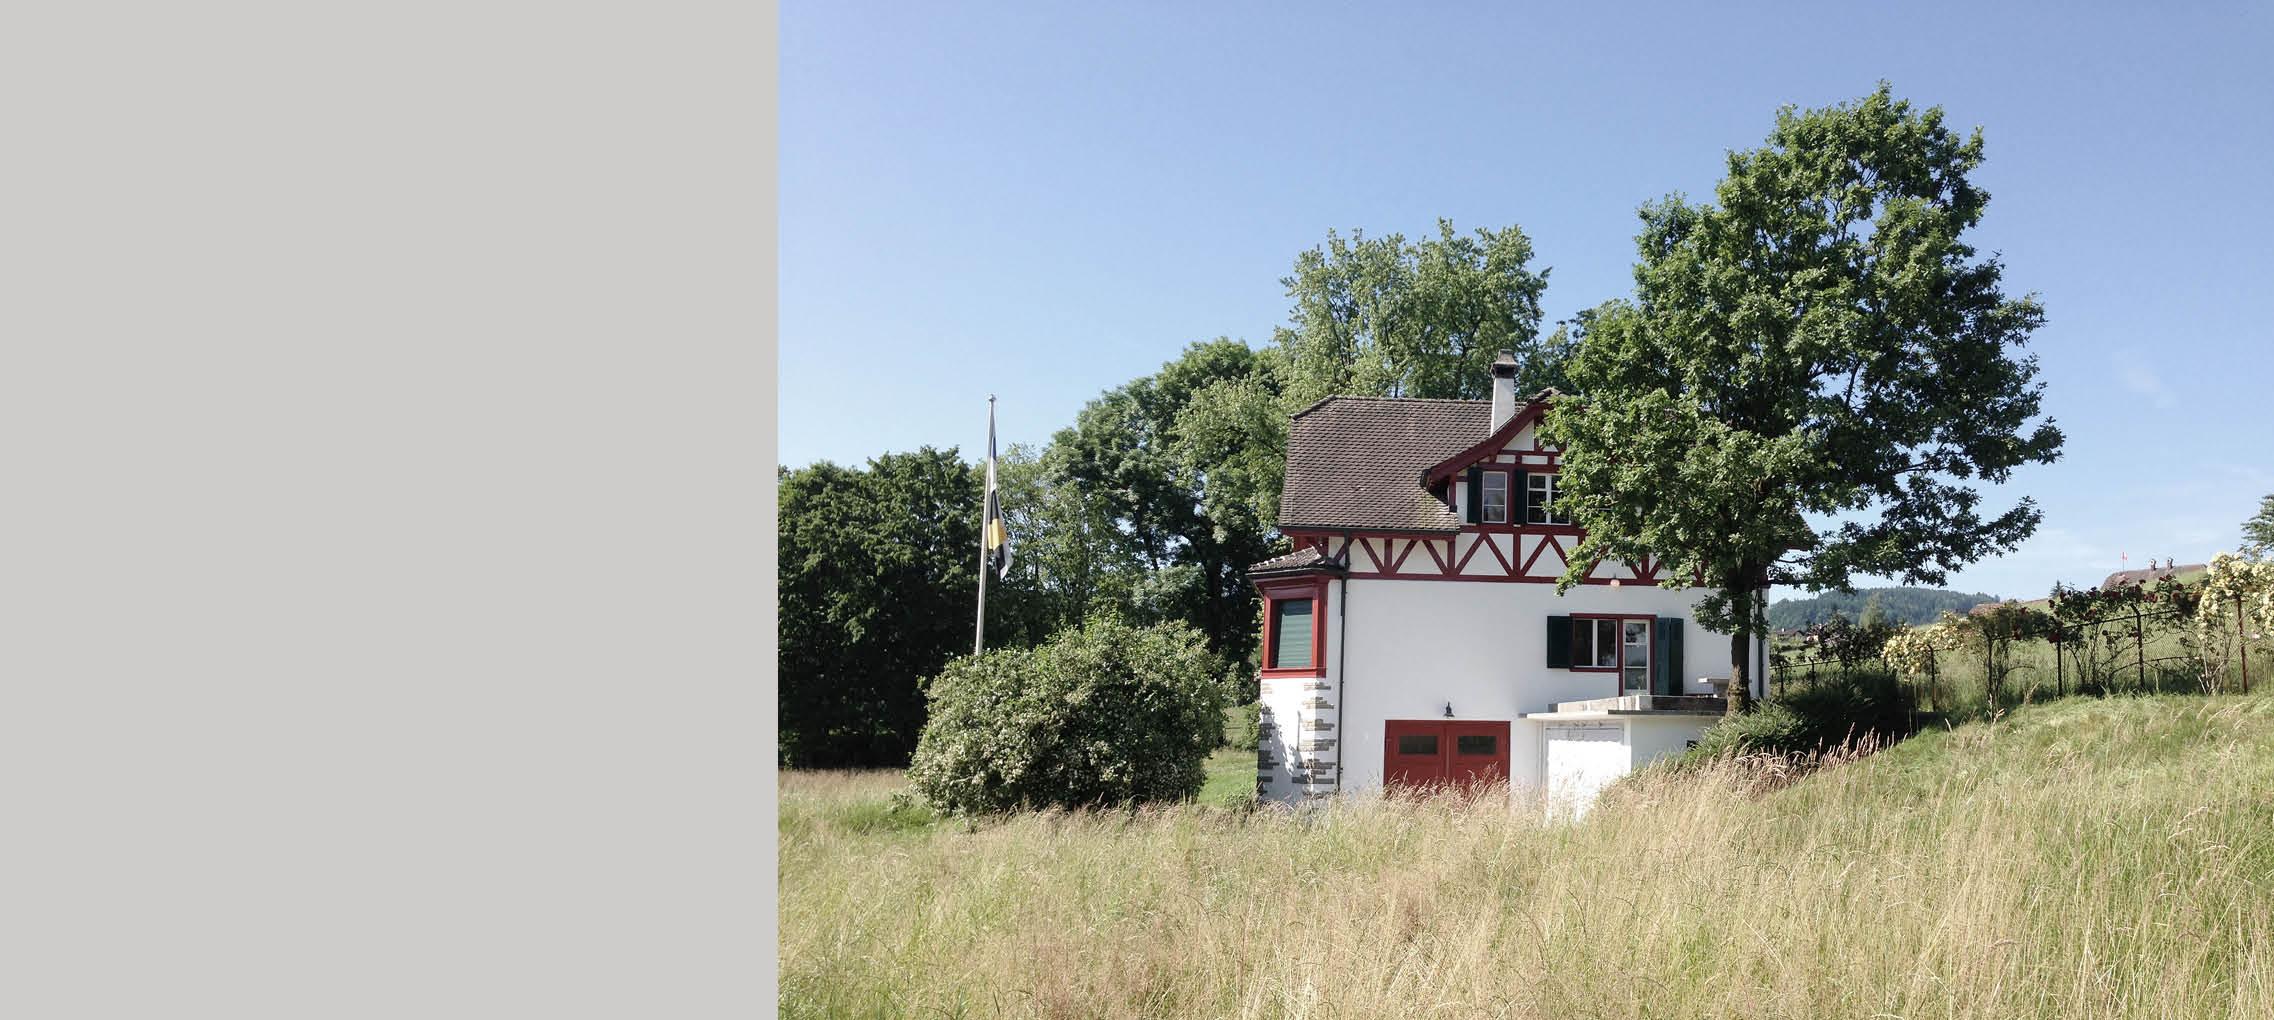 Innenarchitektur Zug badehaus am see zünti trinkler architekten